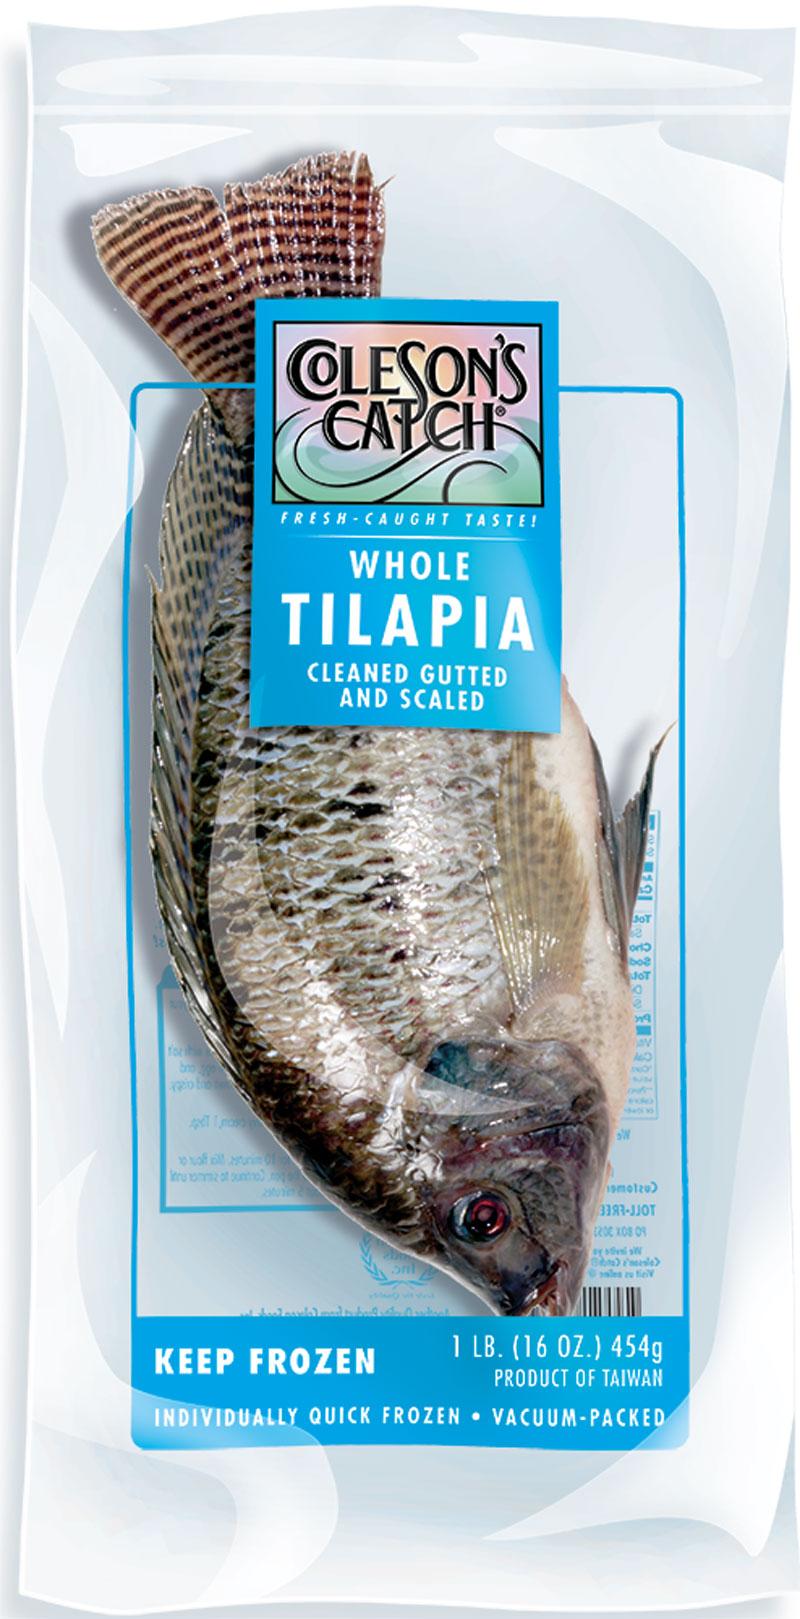 Whole Tilapia